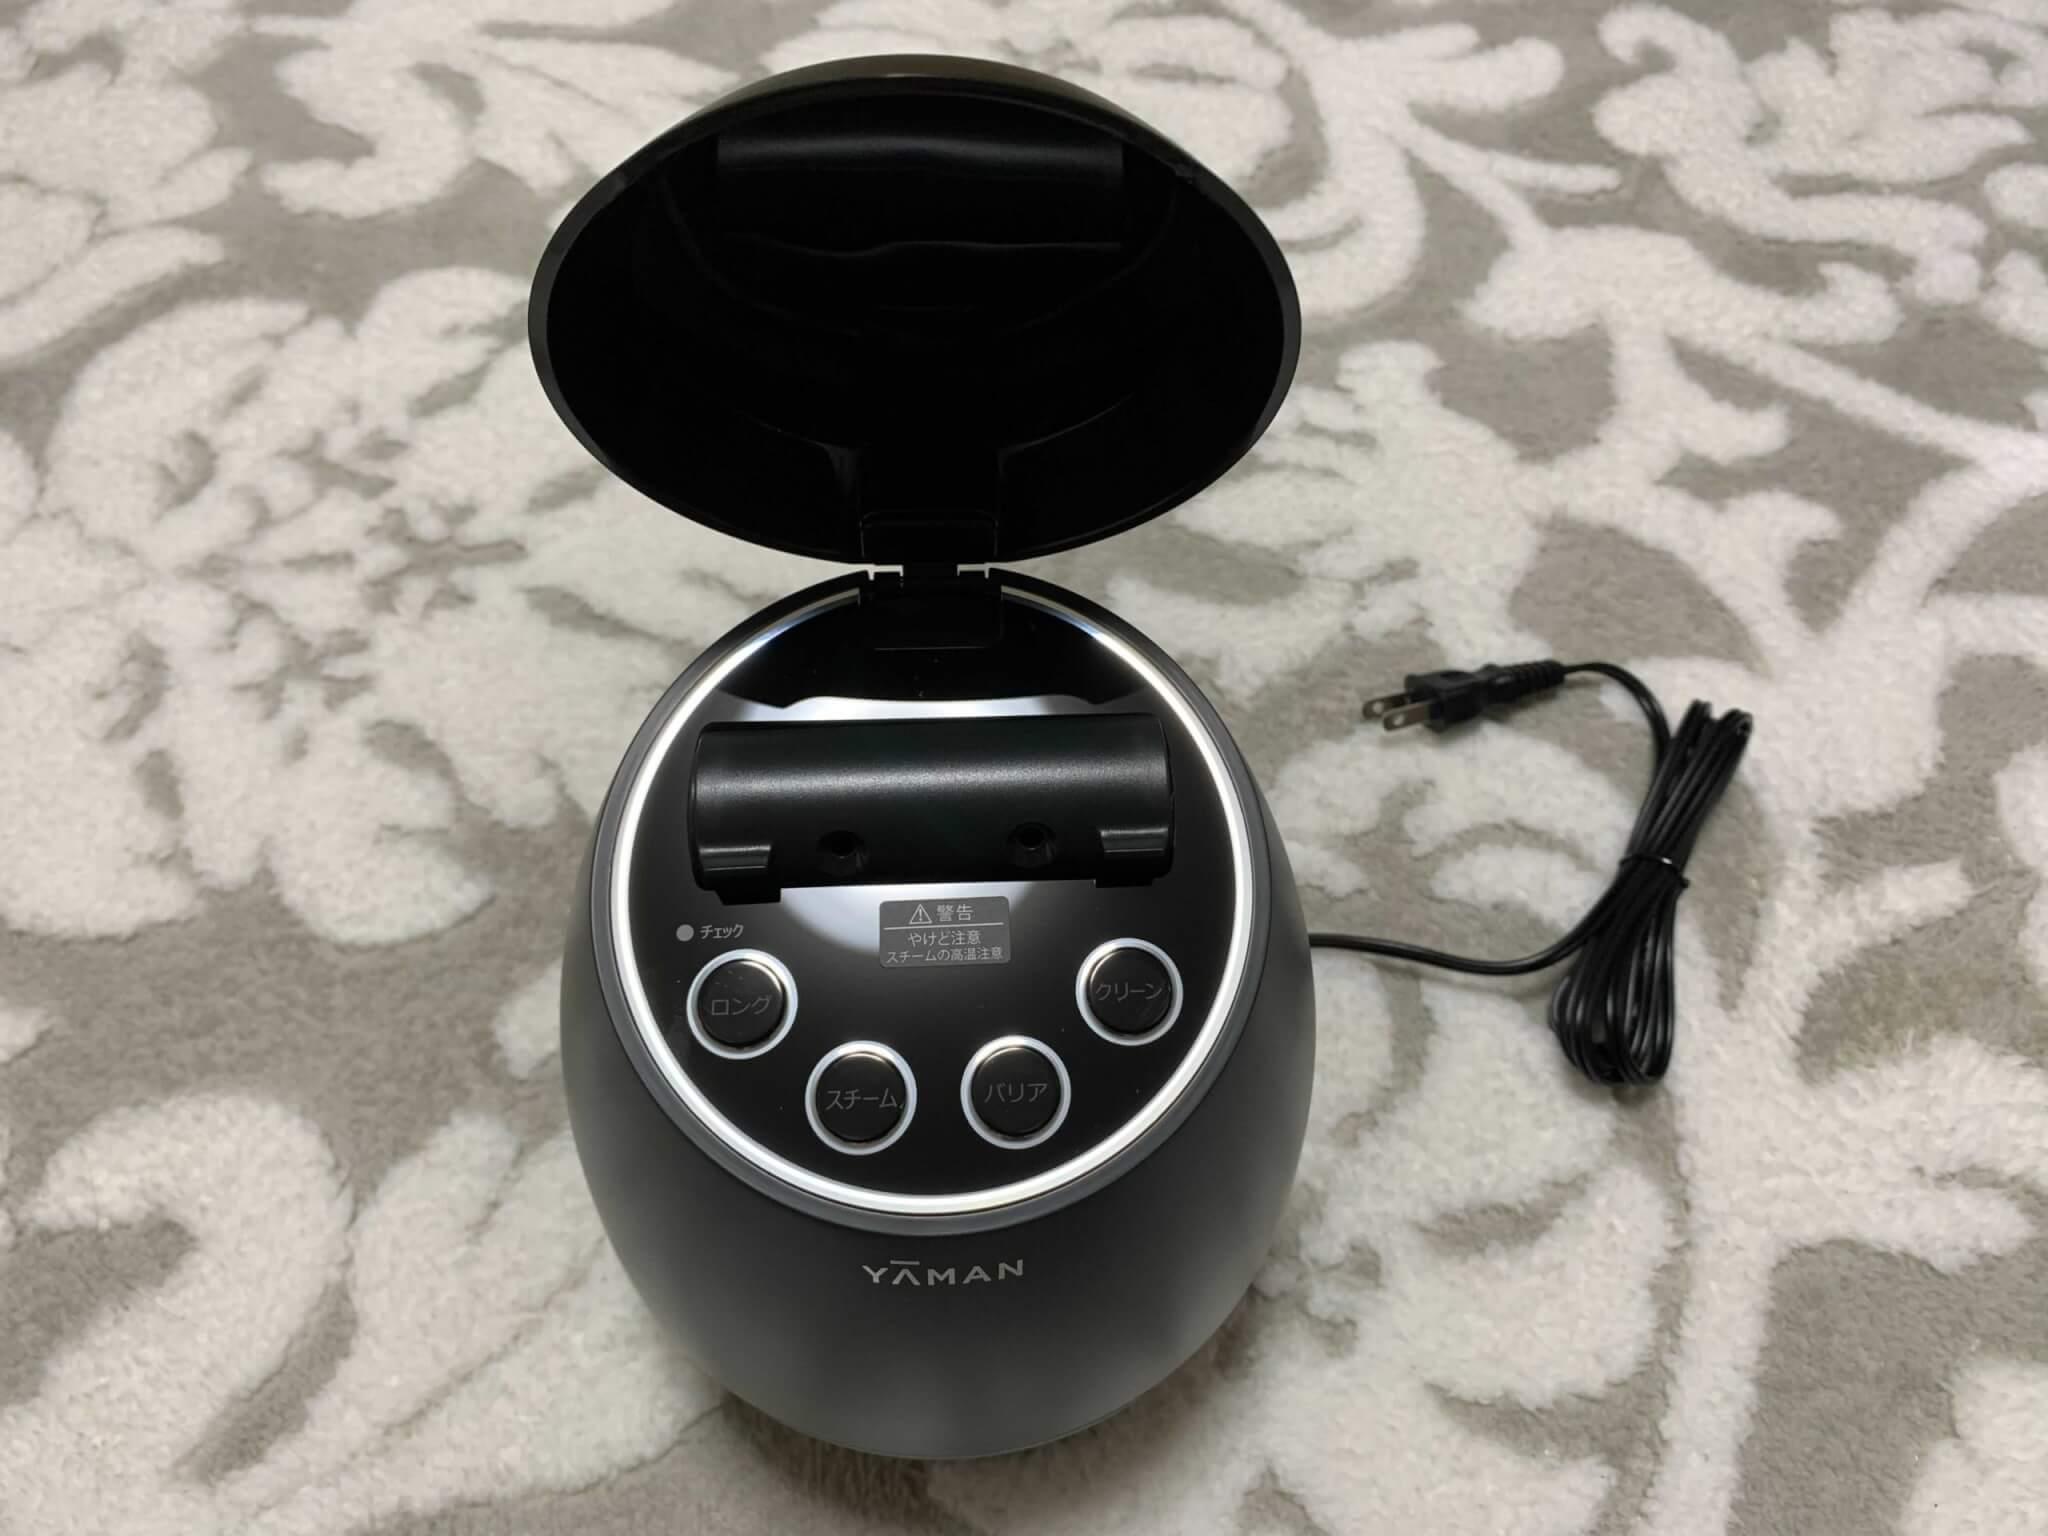 ヤーマン毛穴ケアスチーマー「ブライトクリーン」を実際に使って効果を検証